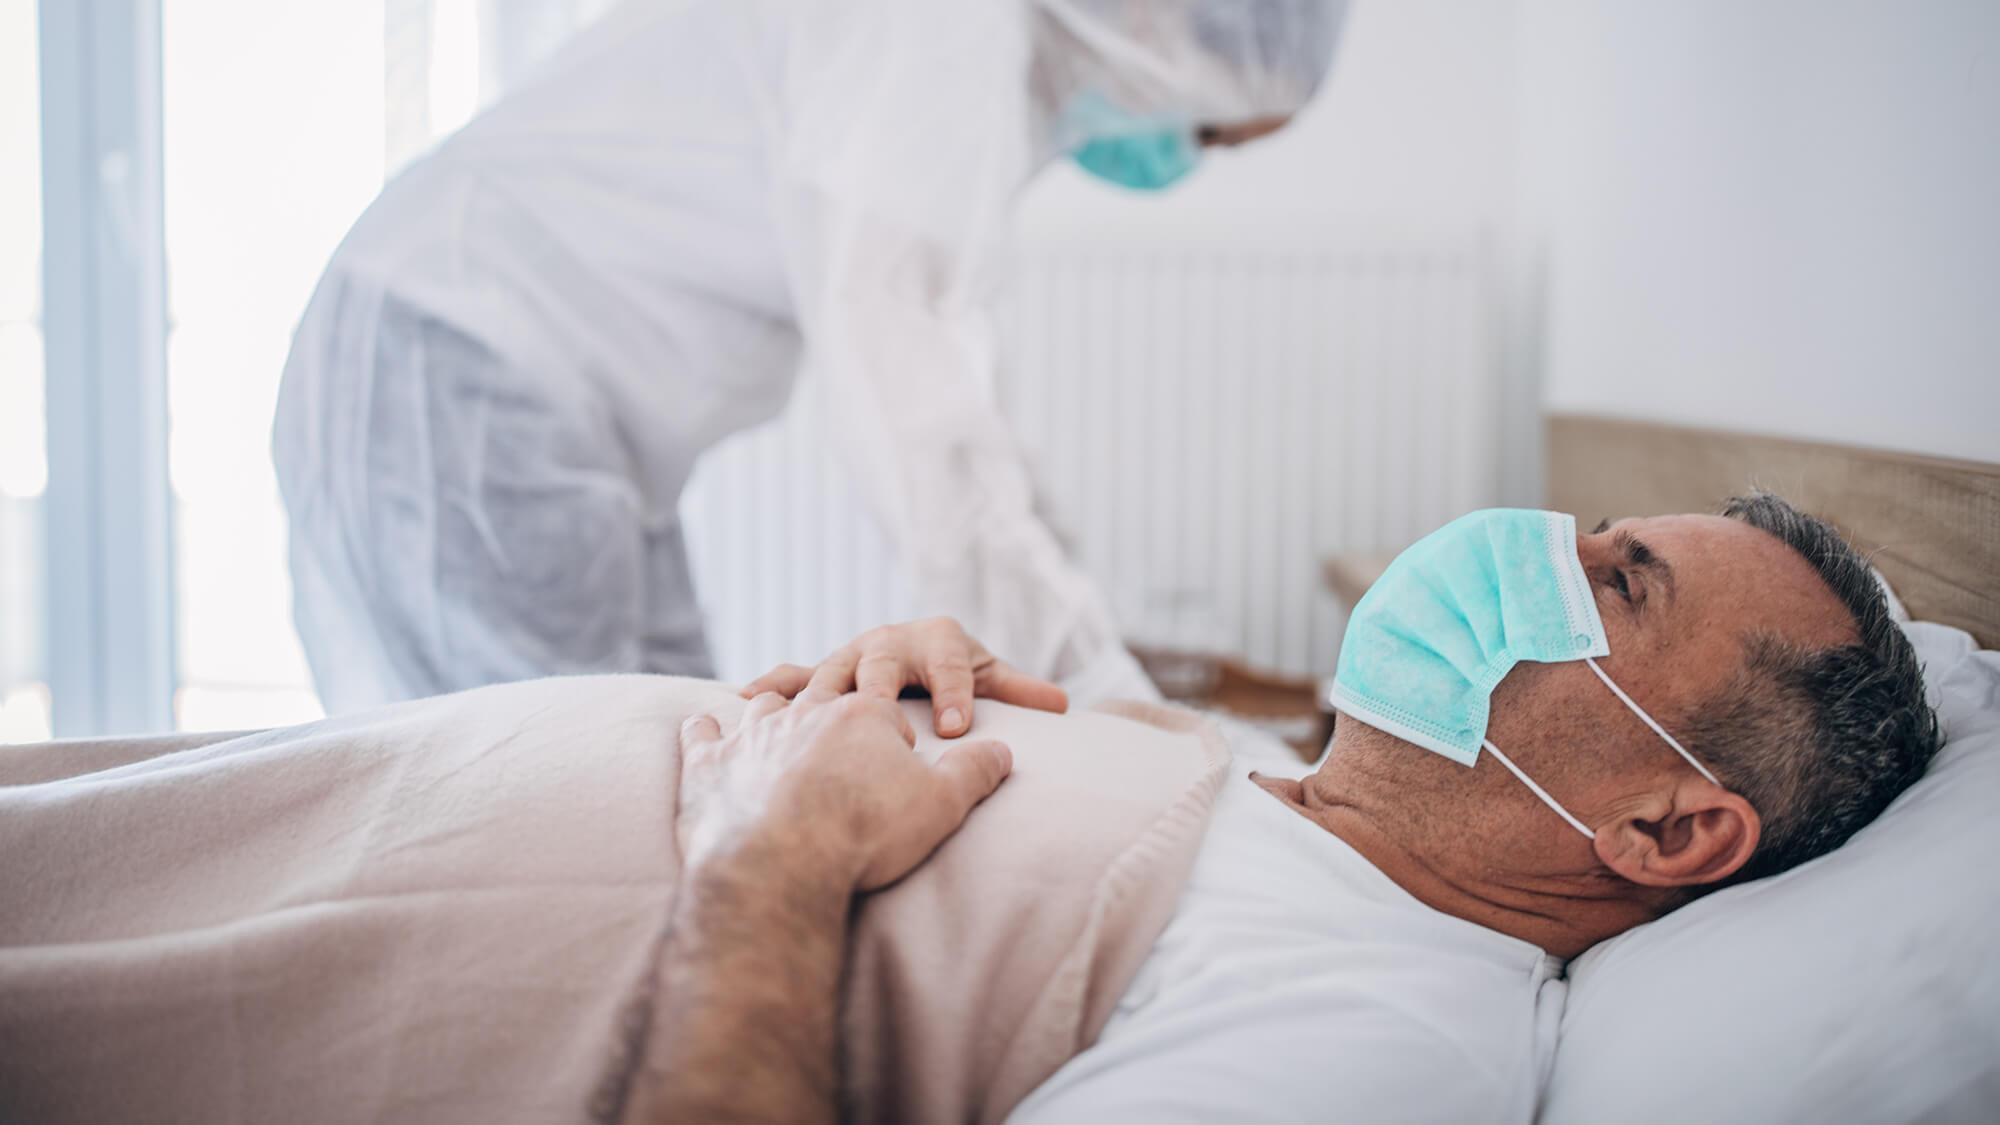 Витамин D снизил риск осложнений и смерти для пациентов с коронавирусом